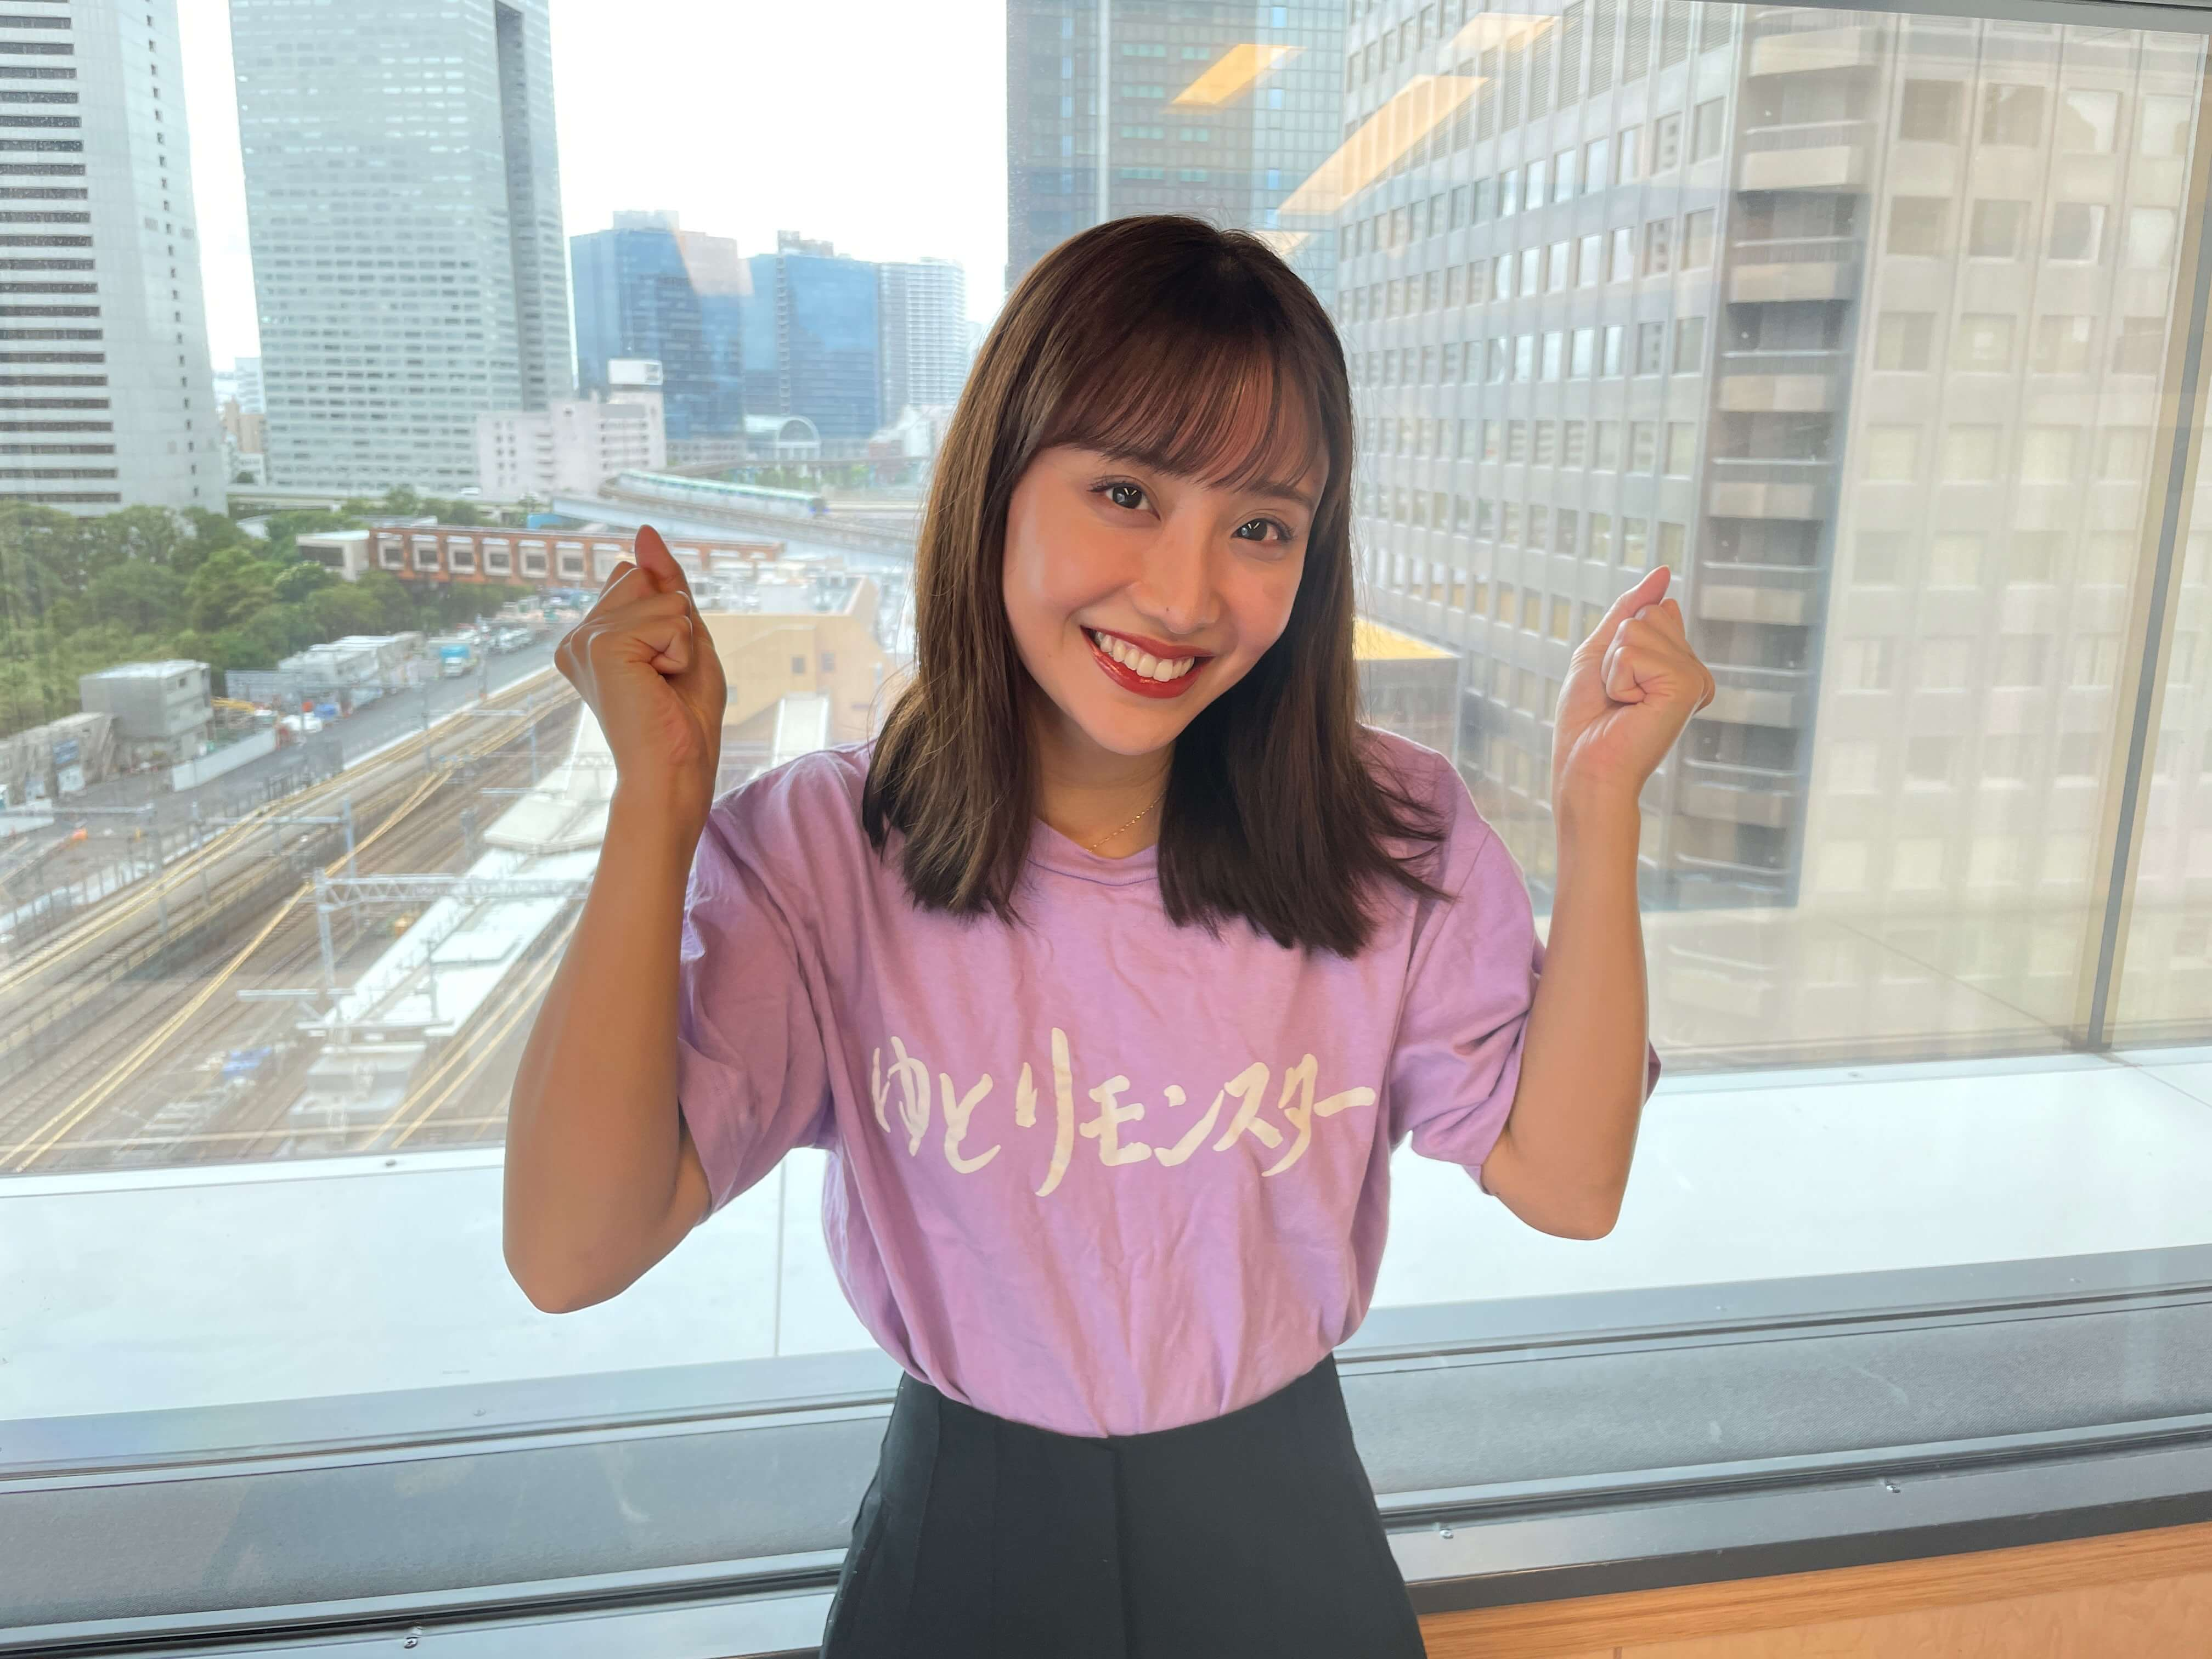 土下座ウィーク突入!柴田さん 気合い充分のゆとりモンスターTシャツ!!